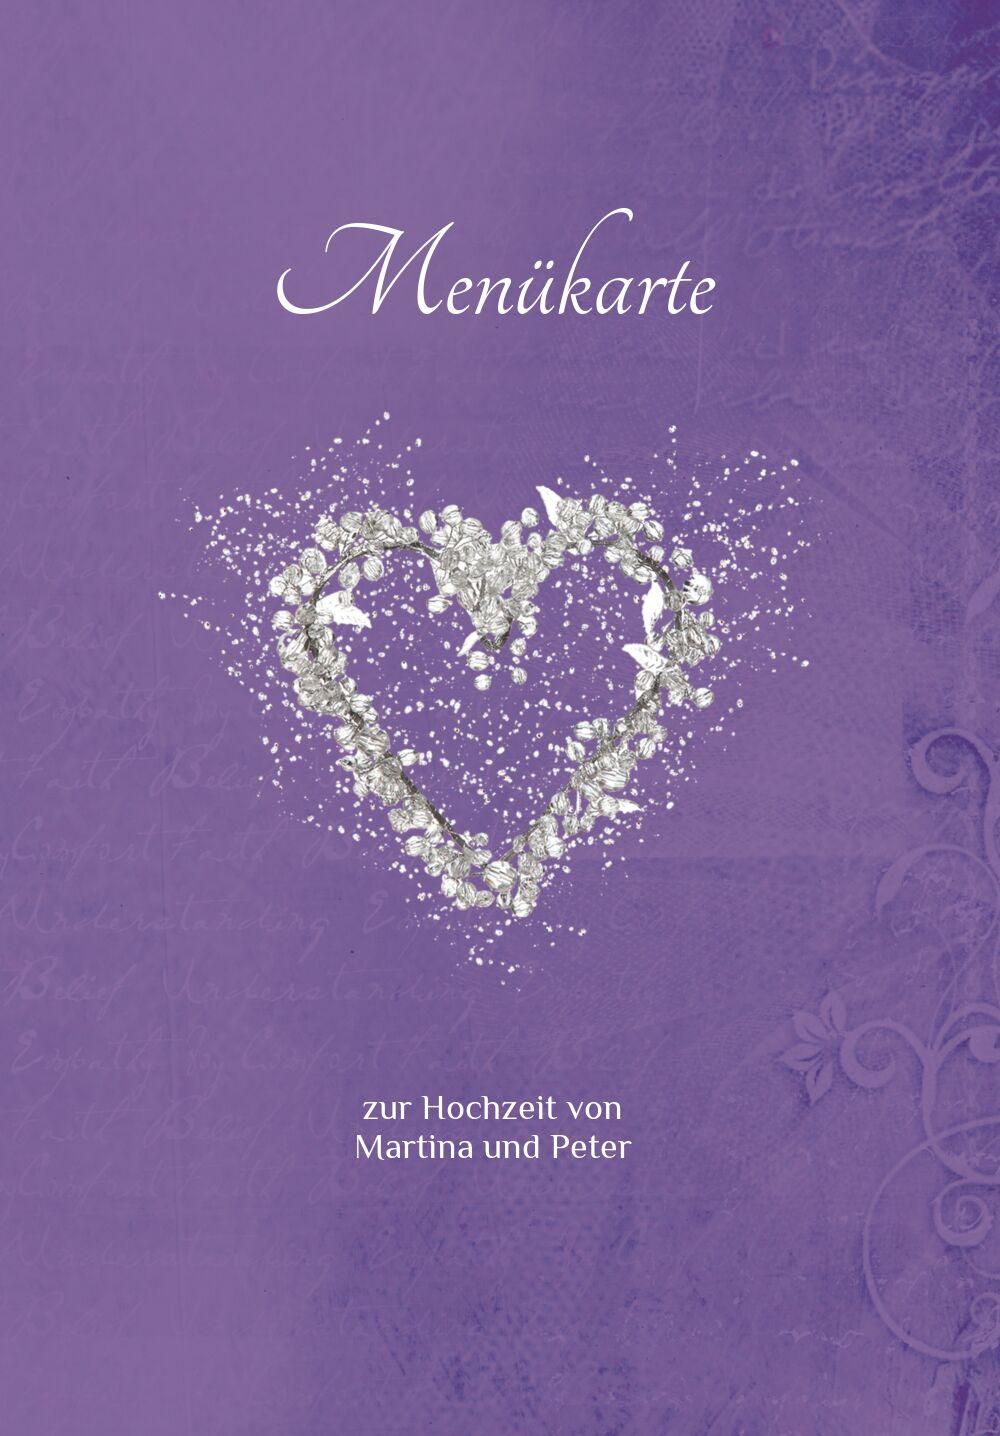 Ansicht 3 - Hochzeit Menükarte glamour heart